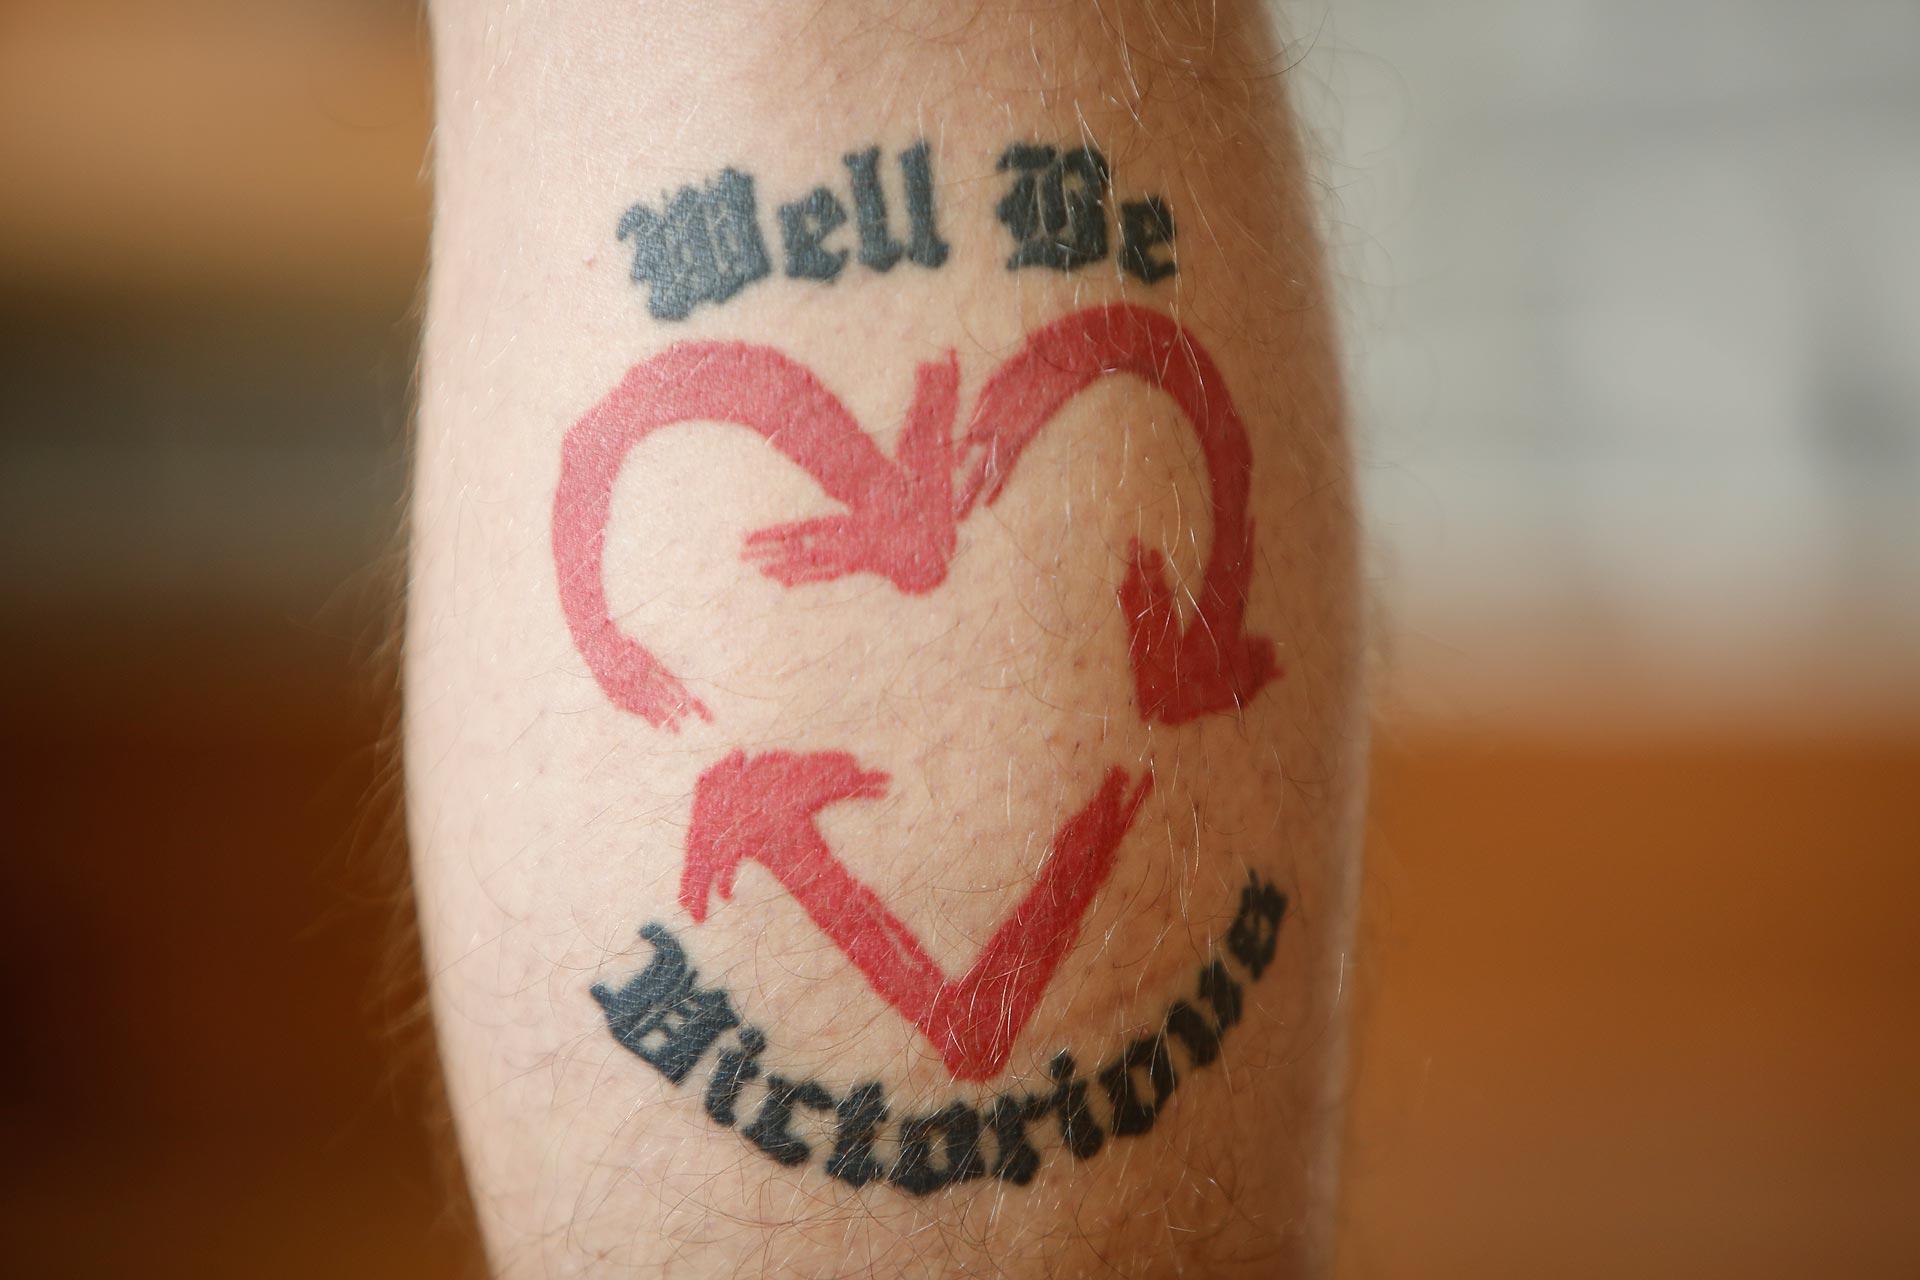 Tattoo-Sünde: Das Motiv einer einer amerikanischen Hardcore-Band gefällt Pährisch heute nicht mehr.